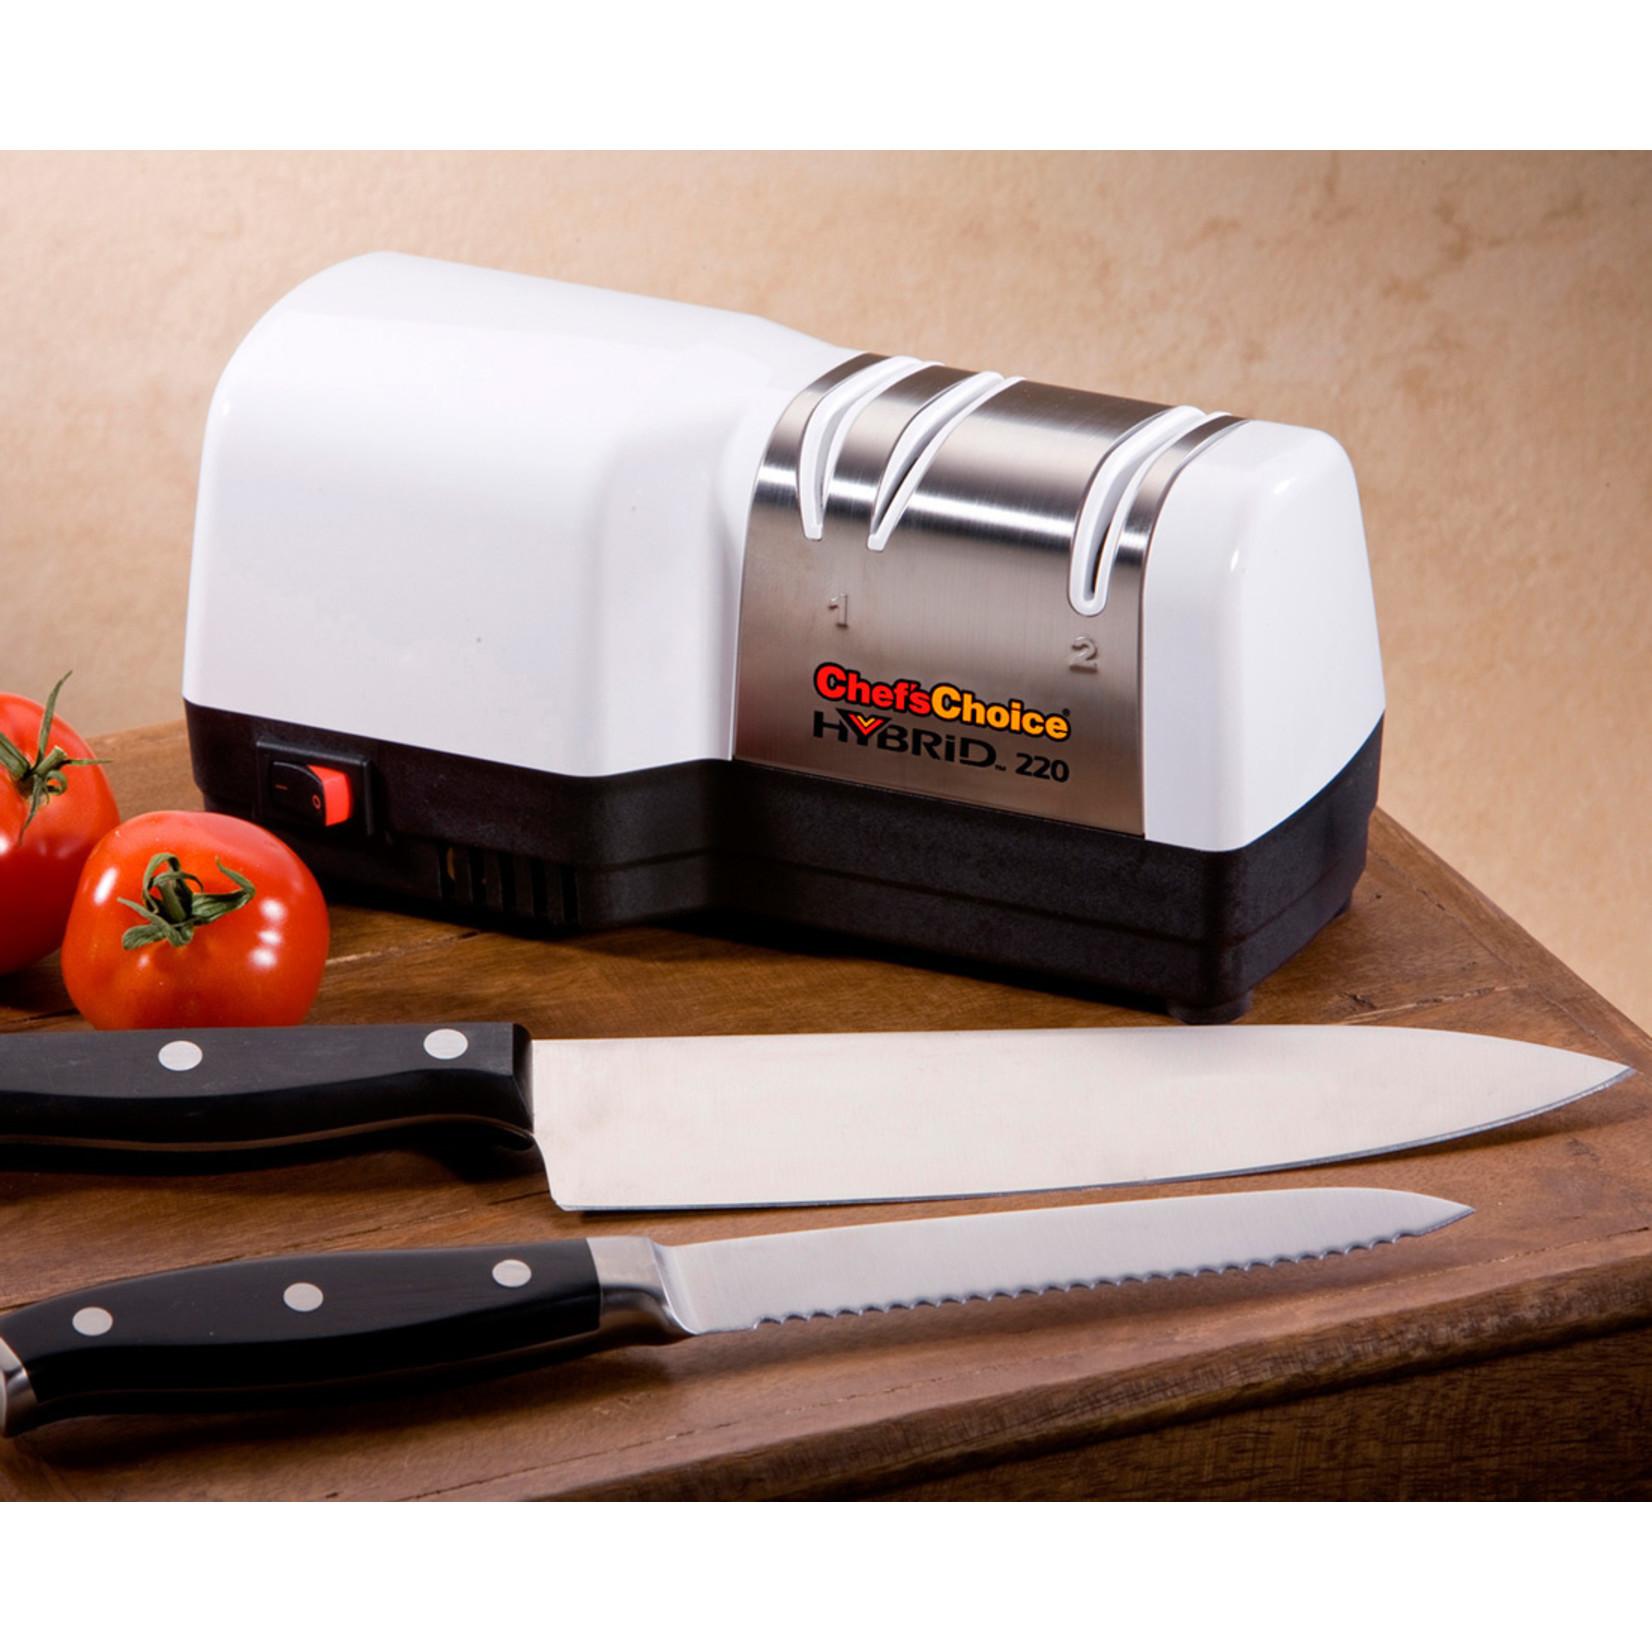 ChefsChoice Chef's Choice Messenslijper 220